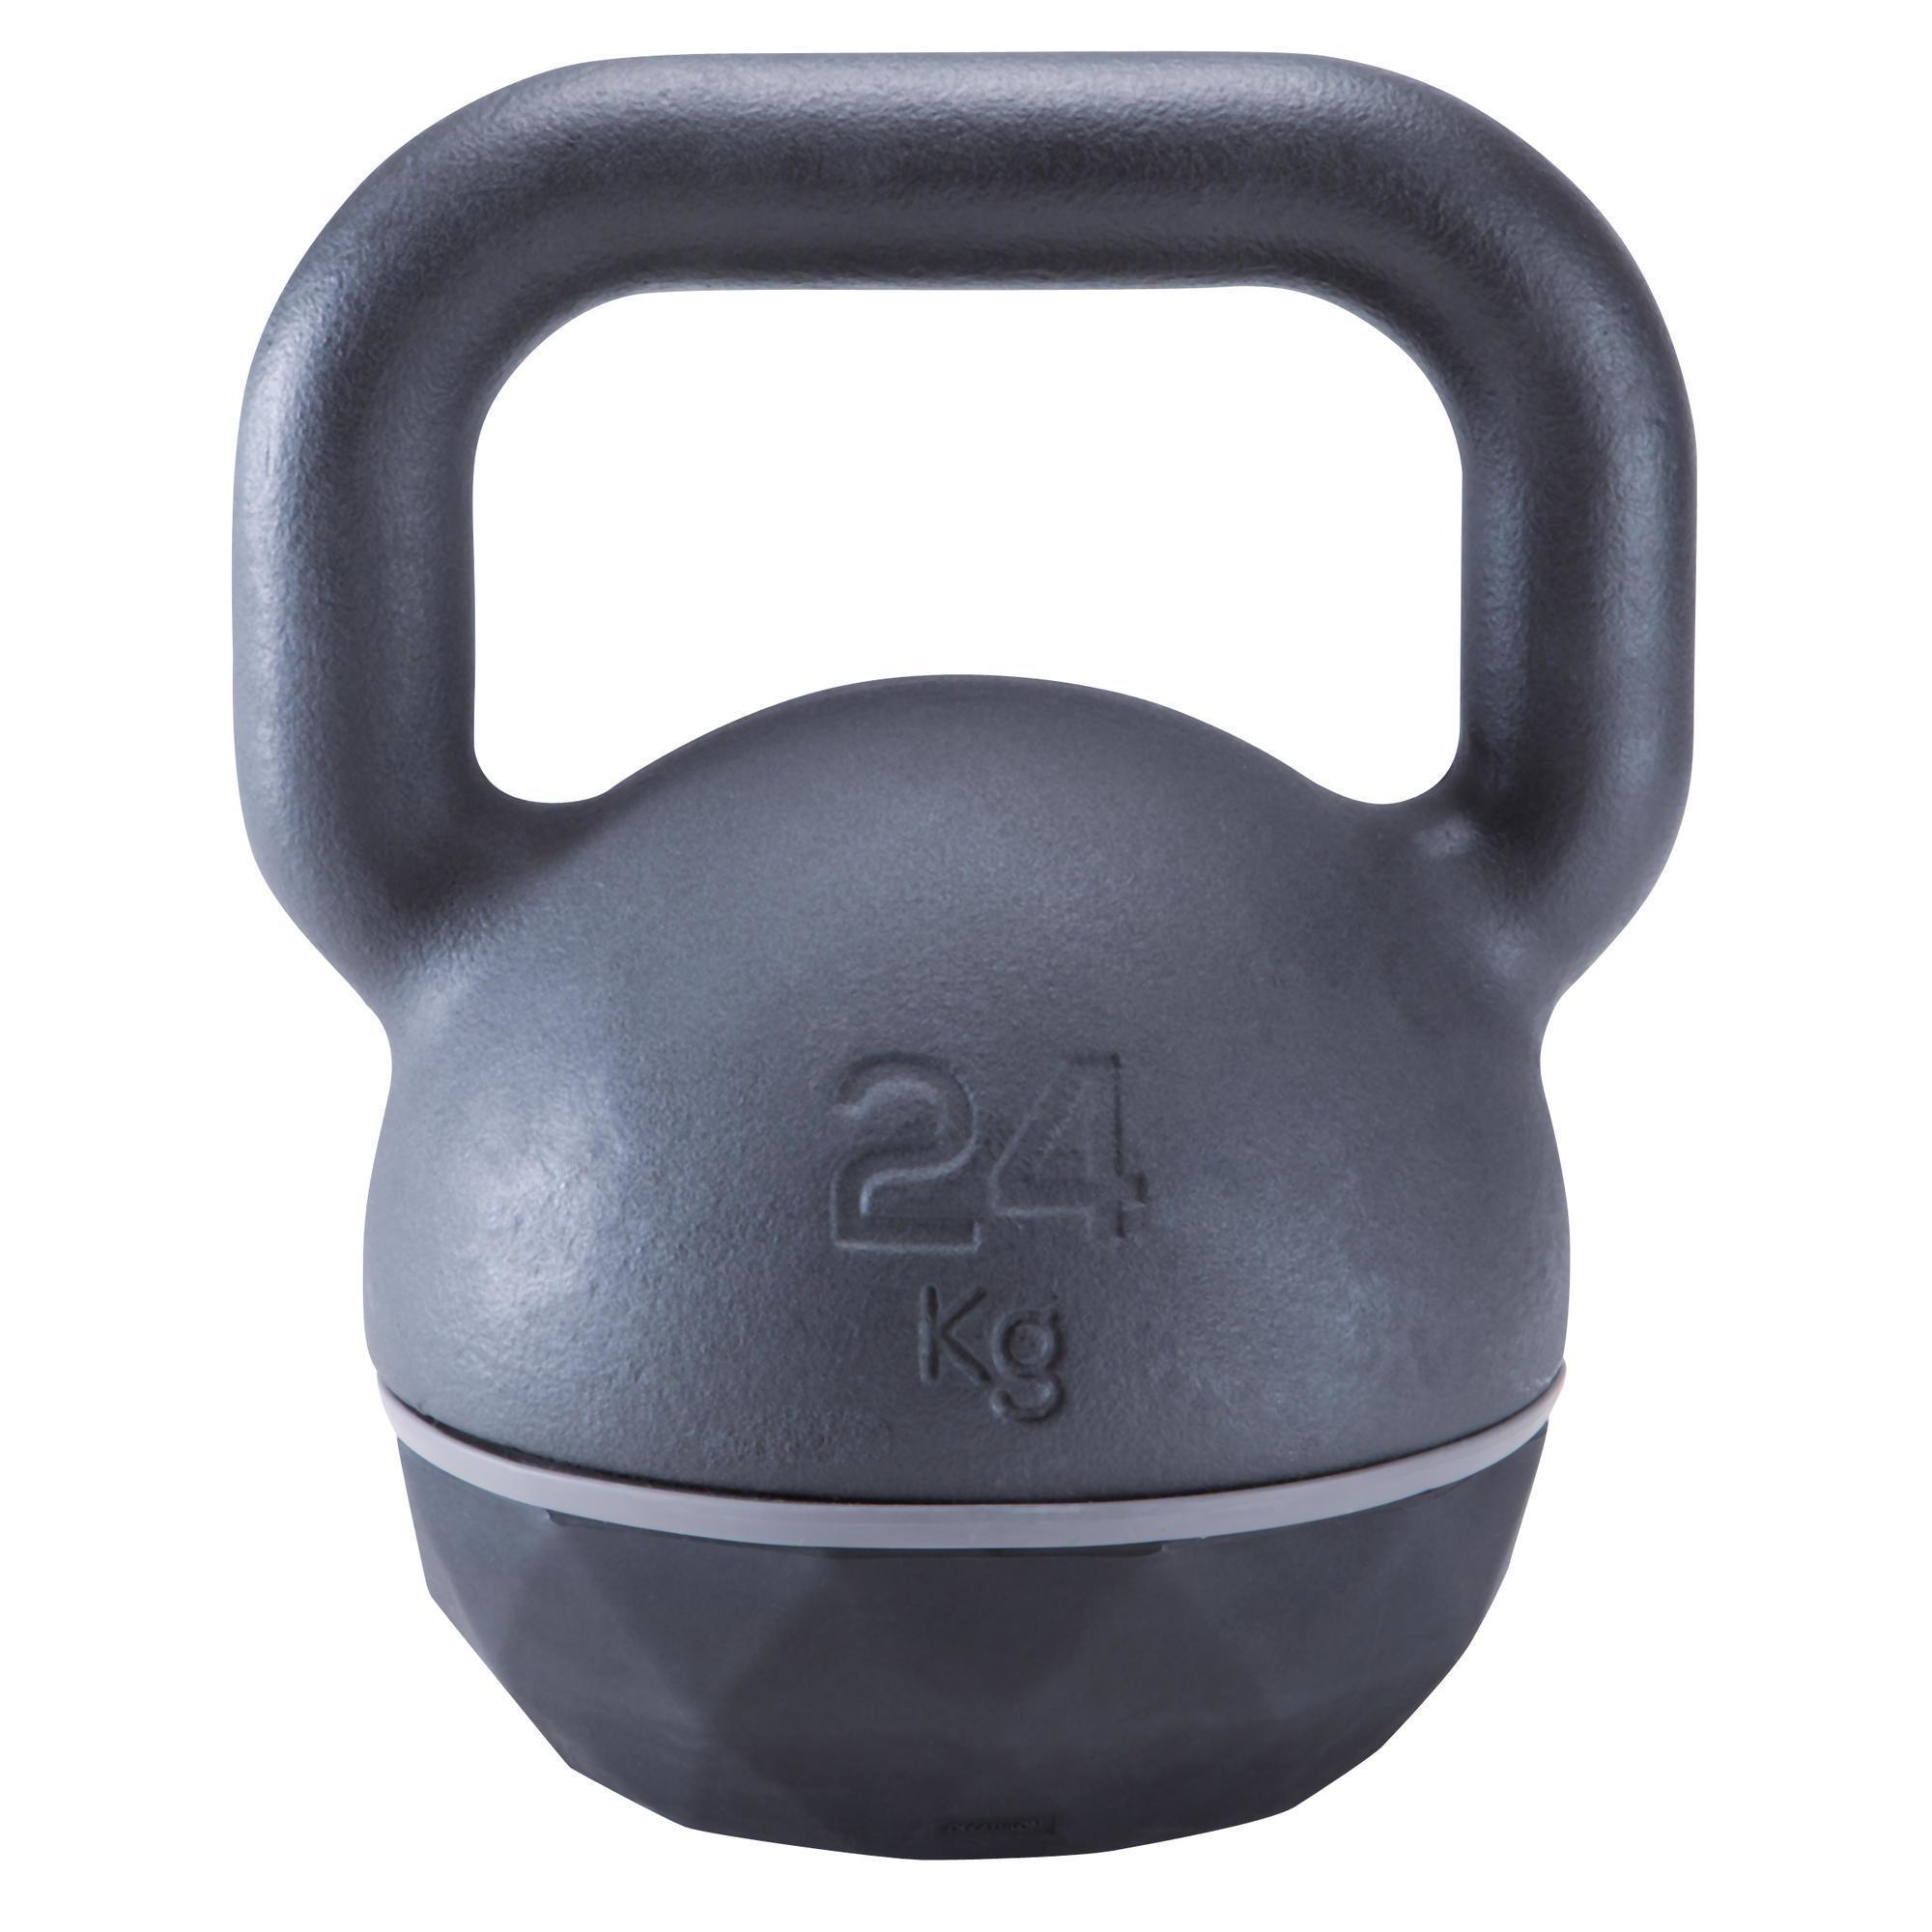 domyos kettlebell 24kg